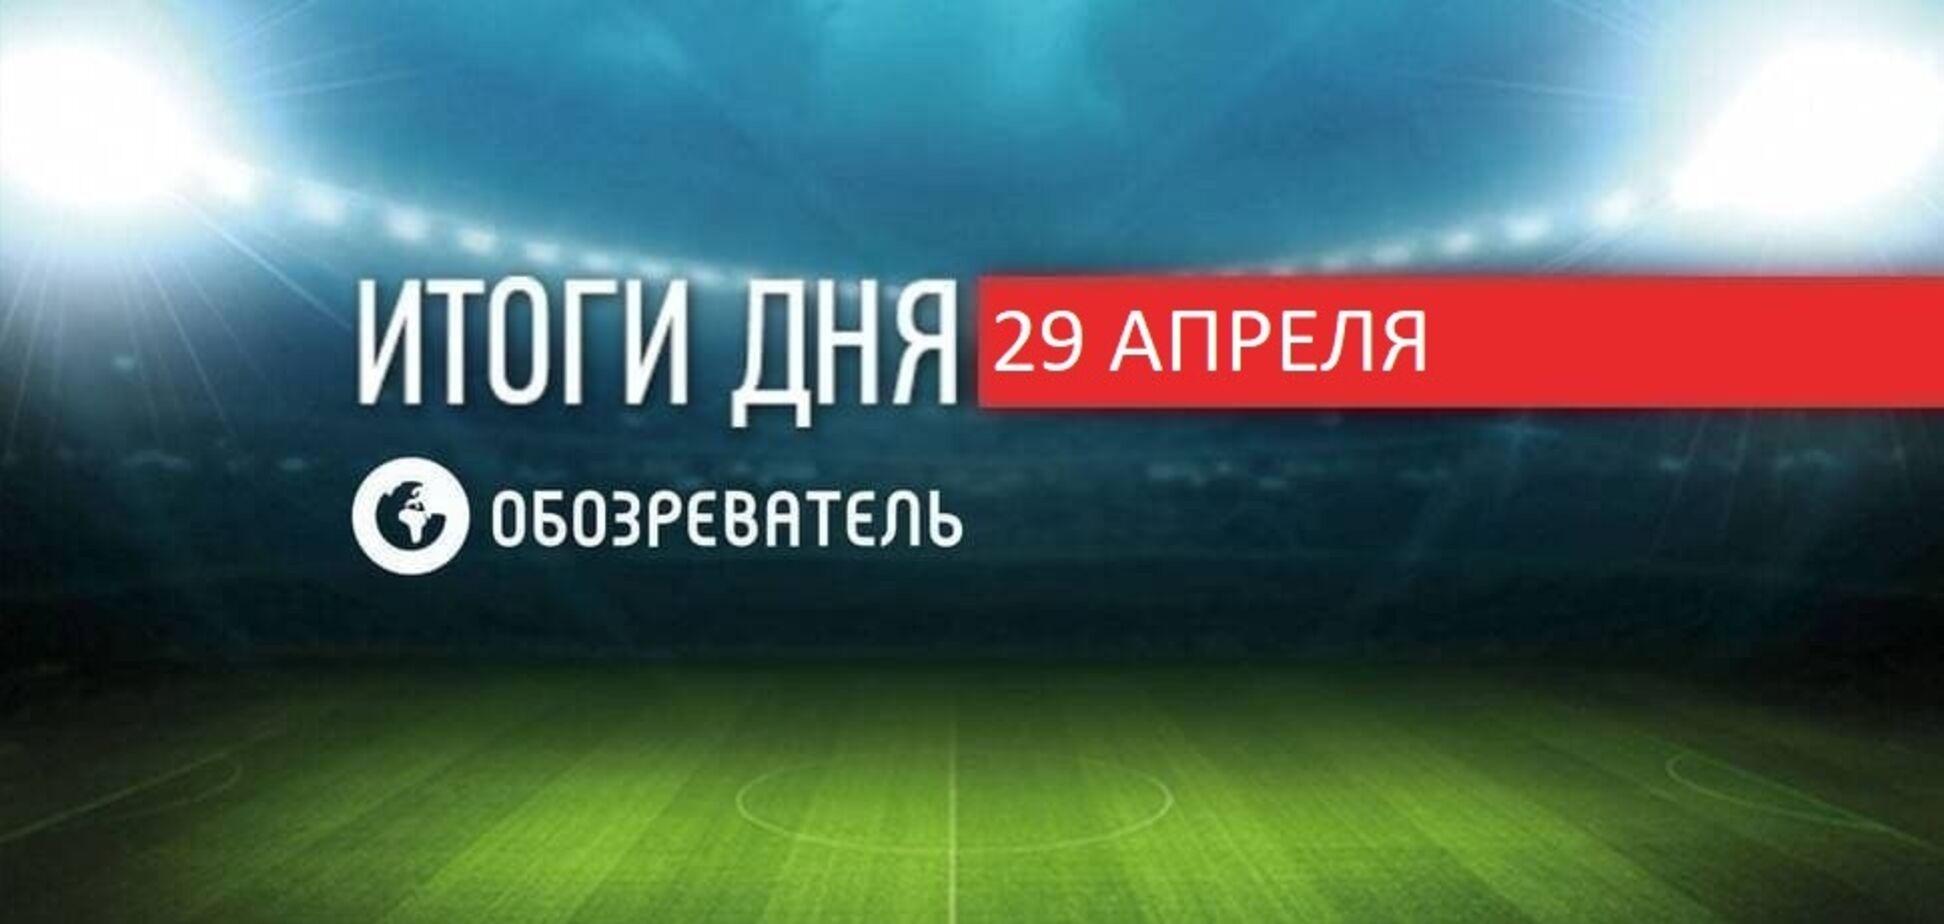 Новини спорту 29 квітня: МЮ забив шість голів 'Ромі' у півфіналі ЛЄ